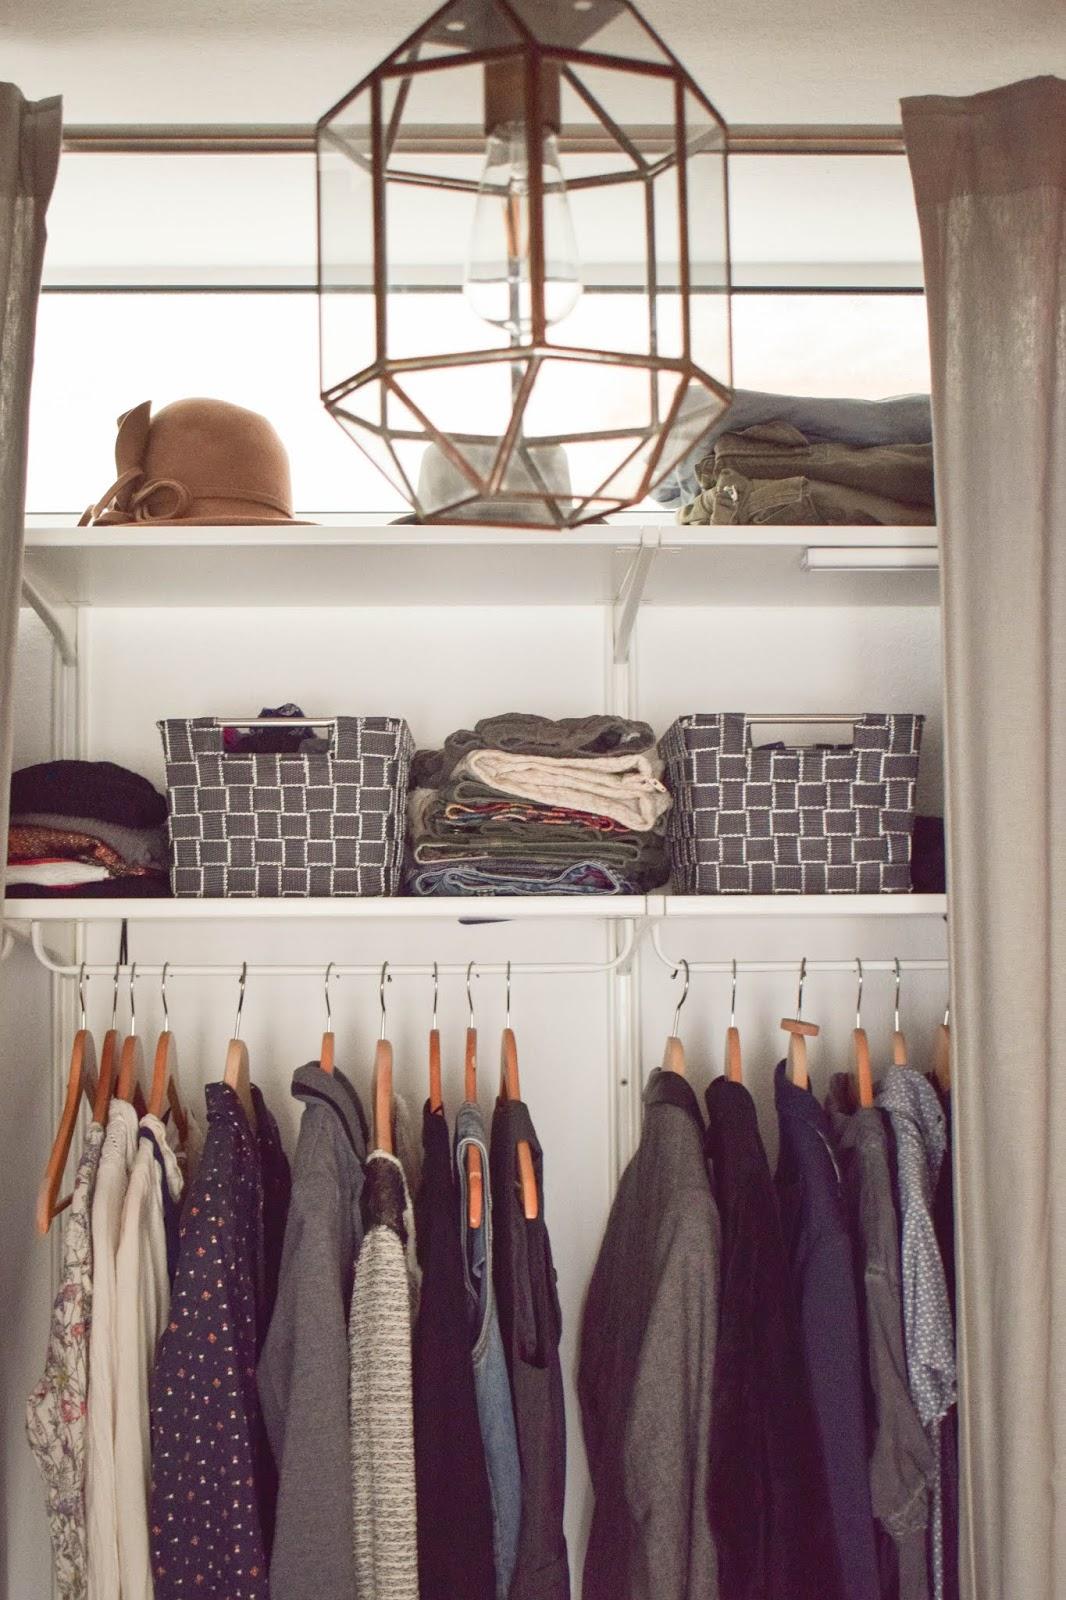 Mein offener Kleiderschrank. Perfekt verstaut und praktisch aufbewahrt. Tipps und Ratgeber für die Organisation. Aufbewahrugskörbe von WENKO